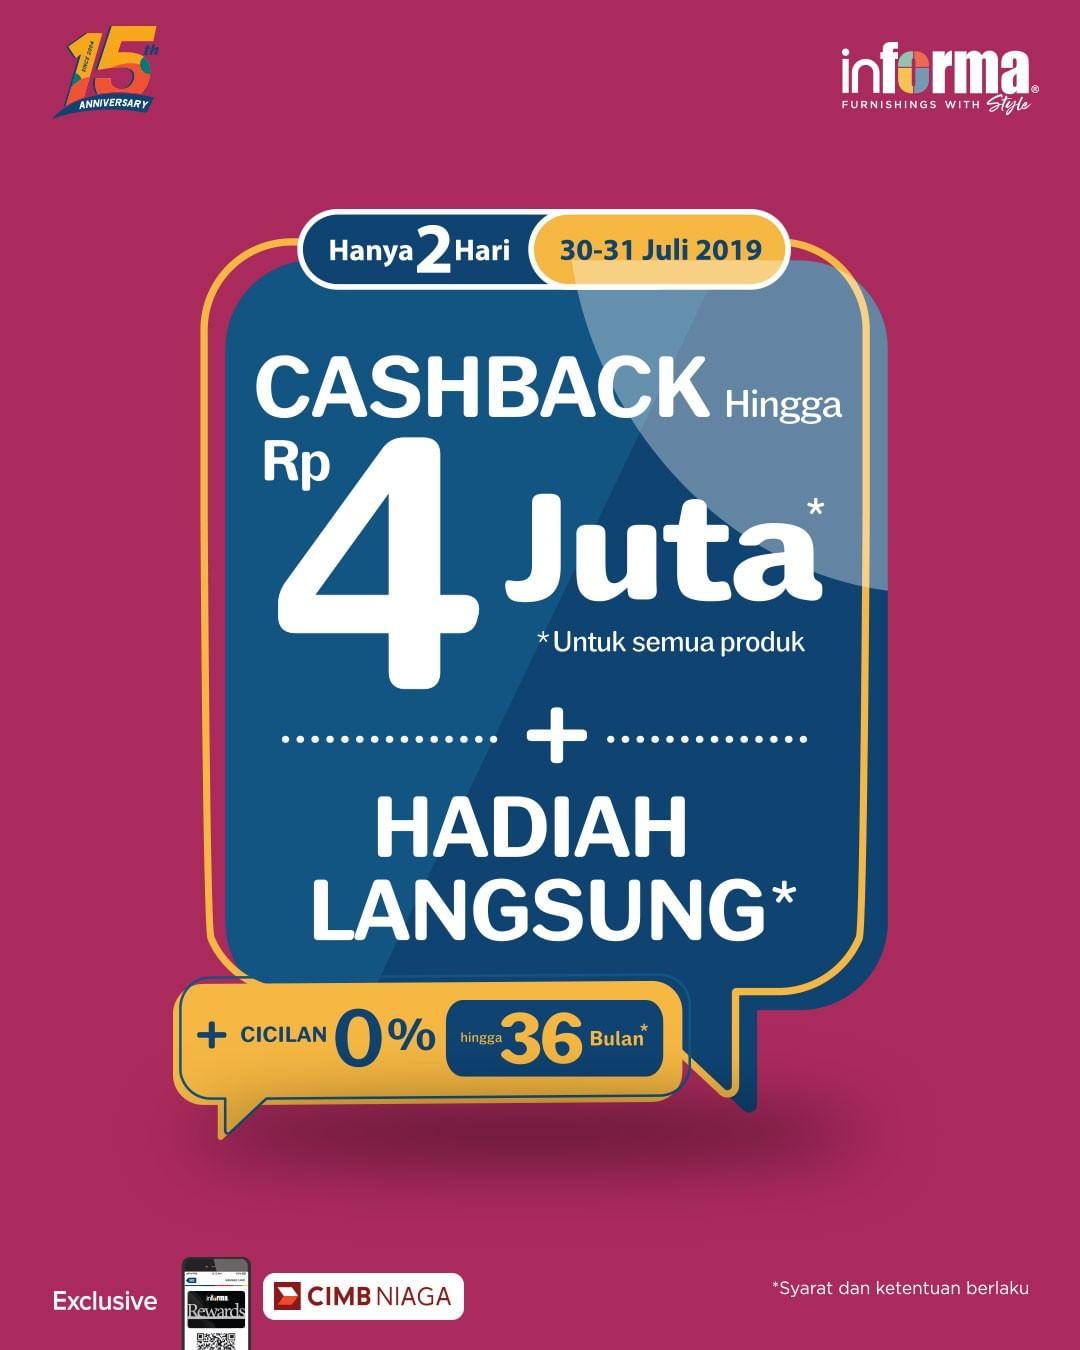 INFORMA Promo Special Anniversary CASHBACK hingga Rp. 4JUTA SEMUA PRODUK*